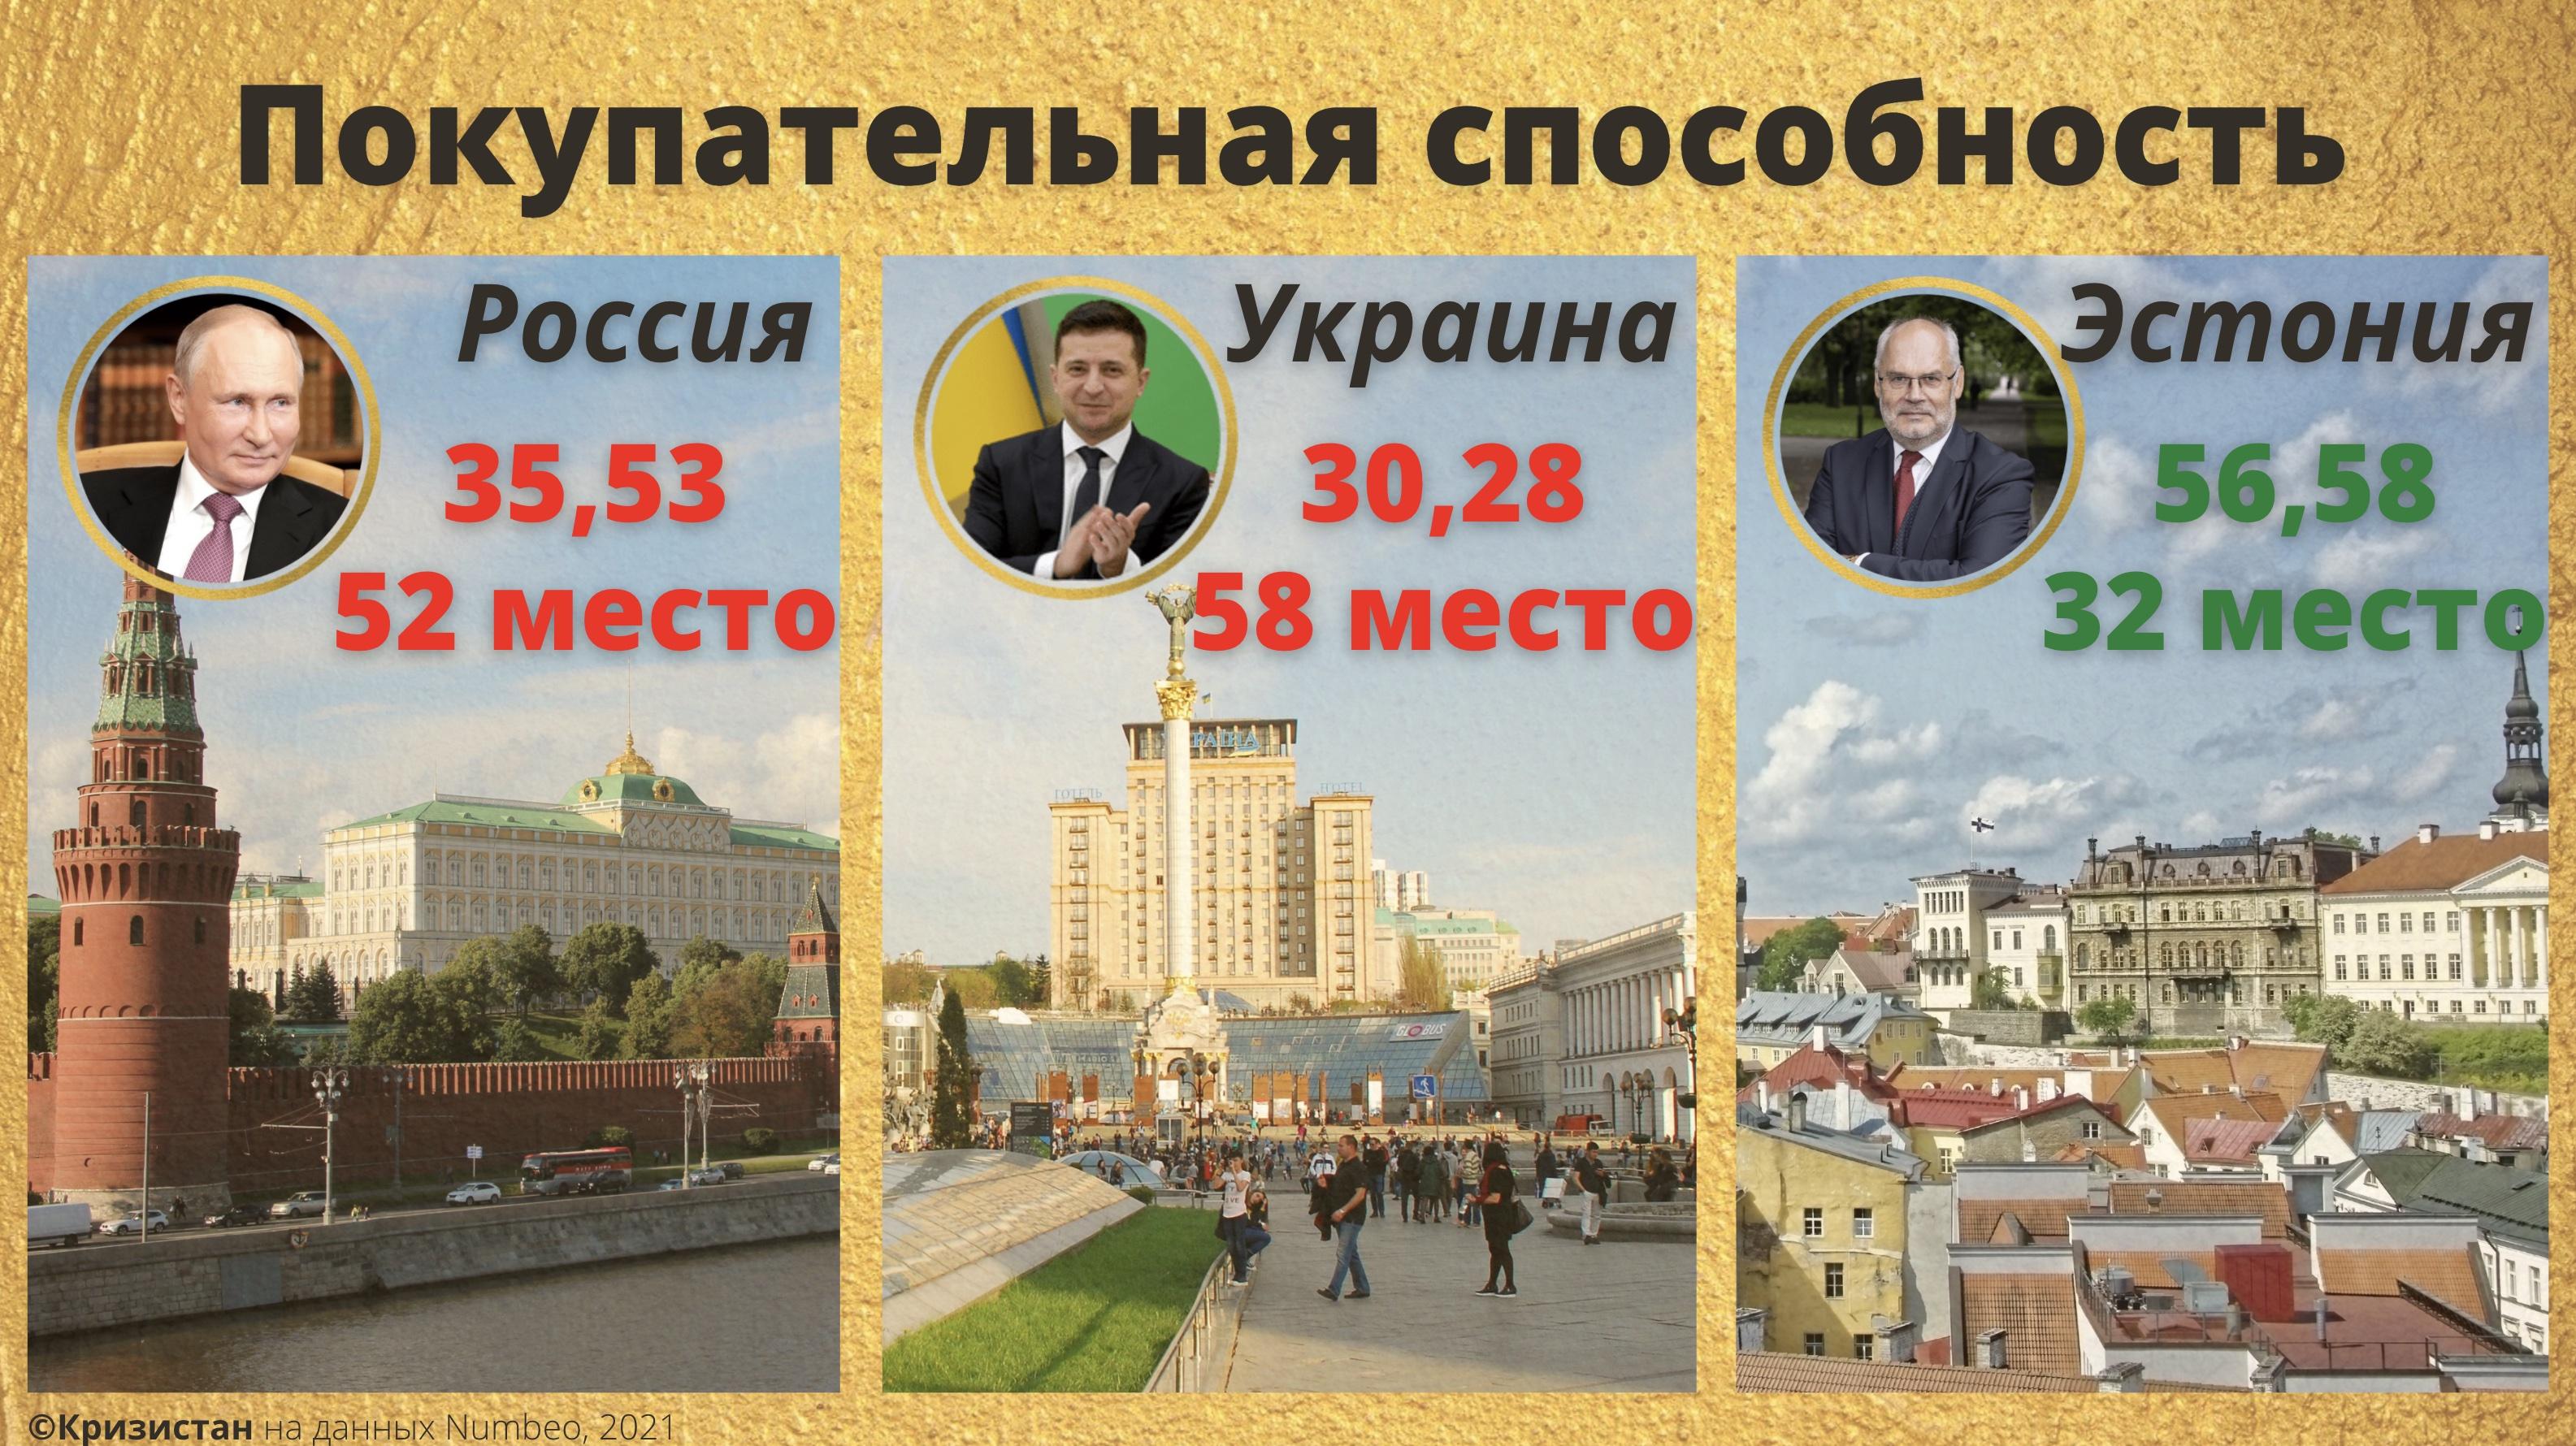 Покупательная способность населения - РФ, Эстония, Россия